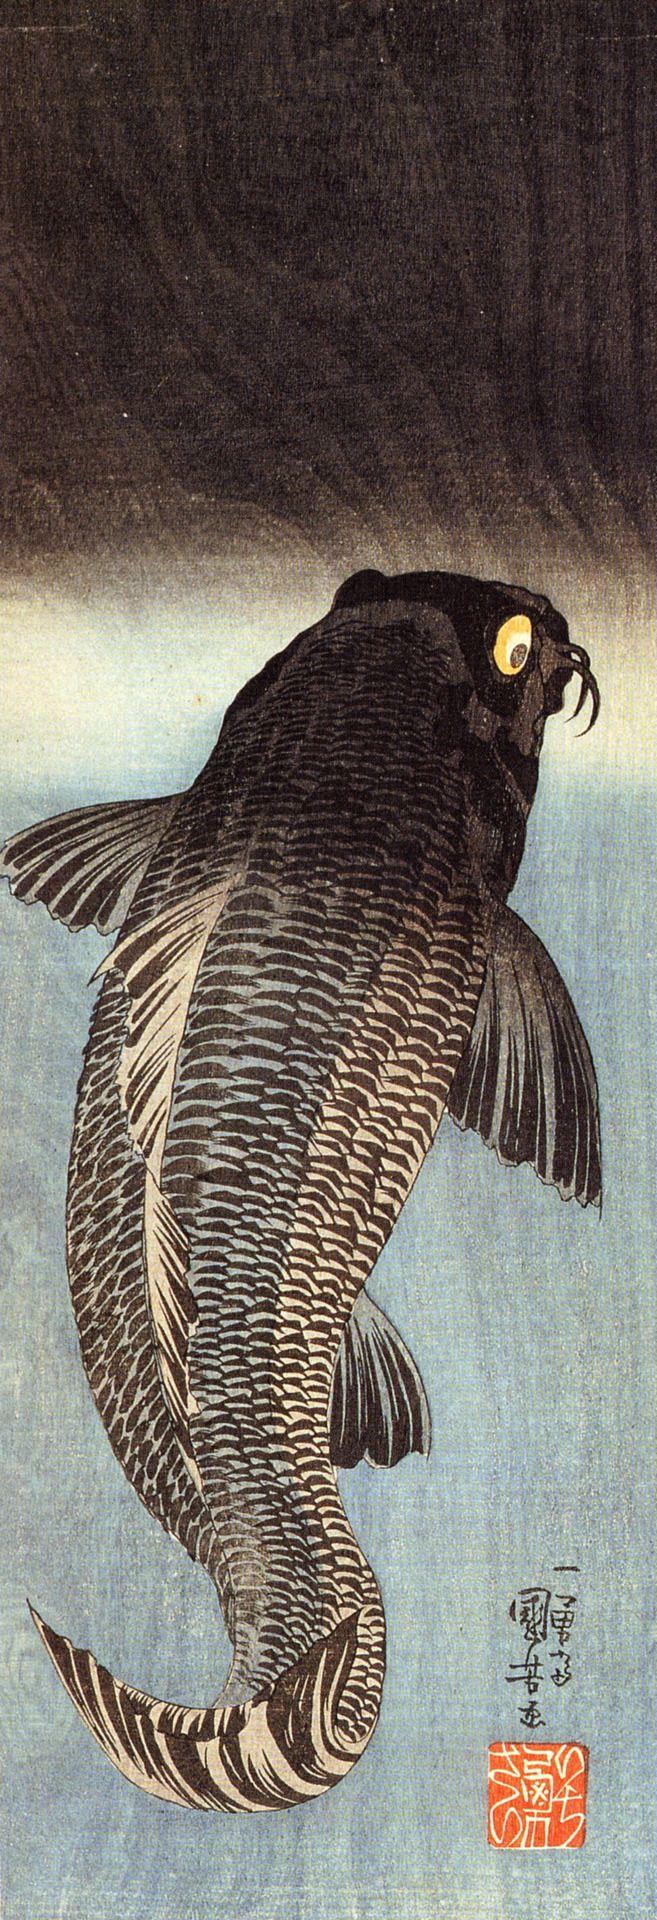 Black Carp // Utagawa Kuniyoshi